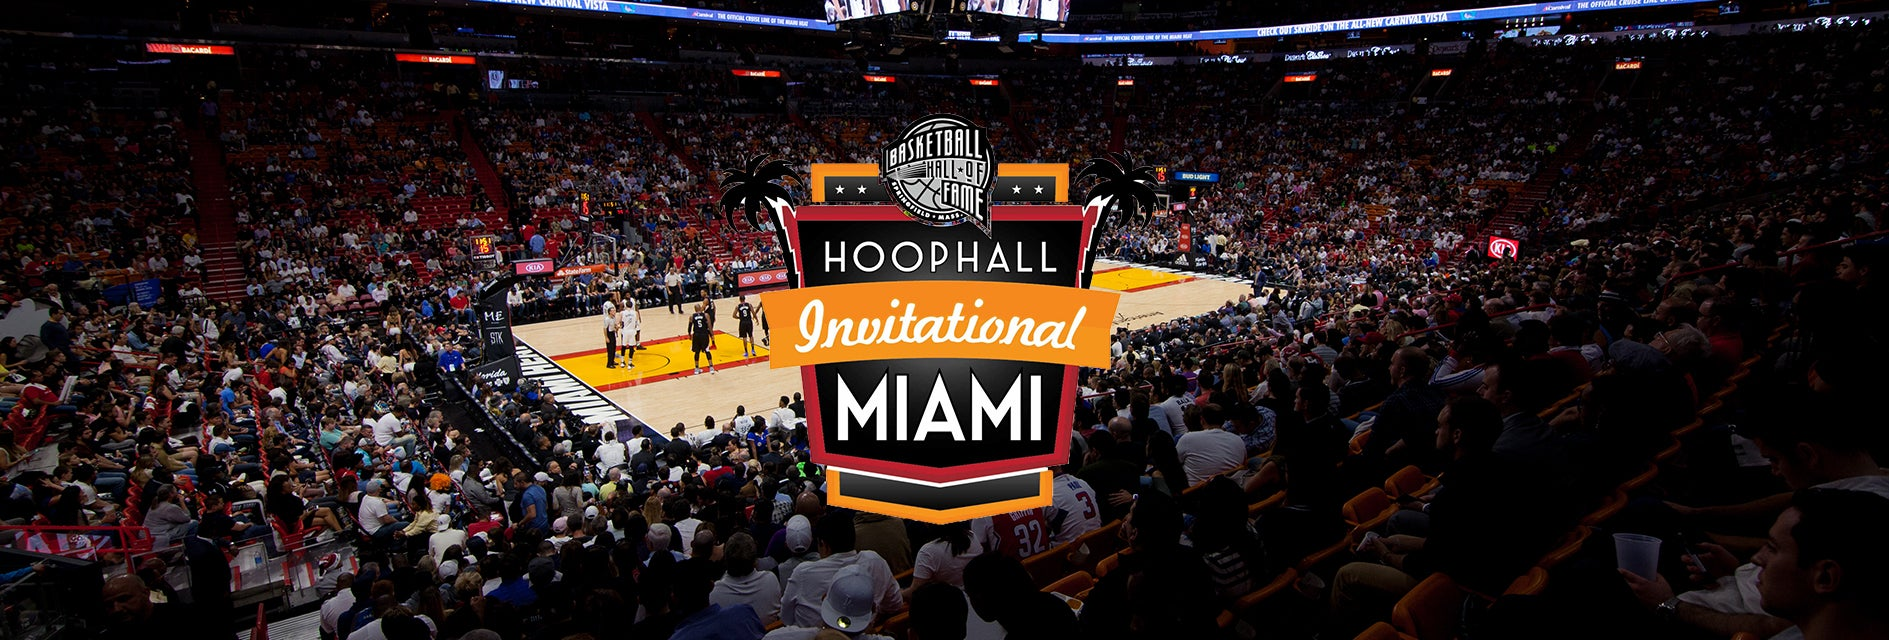 HoopHall Miami Invitational Tickets